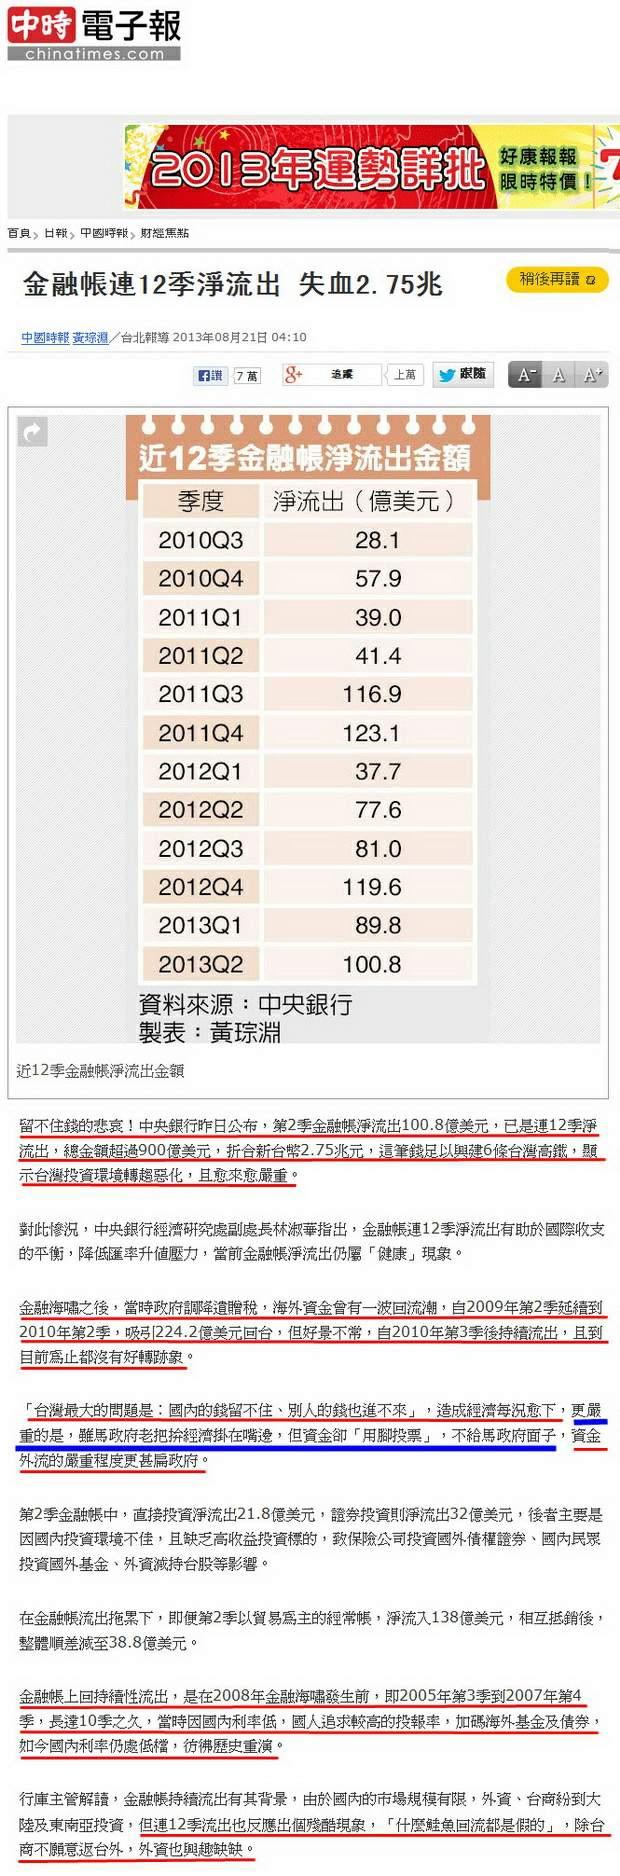 金融帳連12季淨流出 失血2.75兆-2013.08.21.jpg